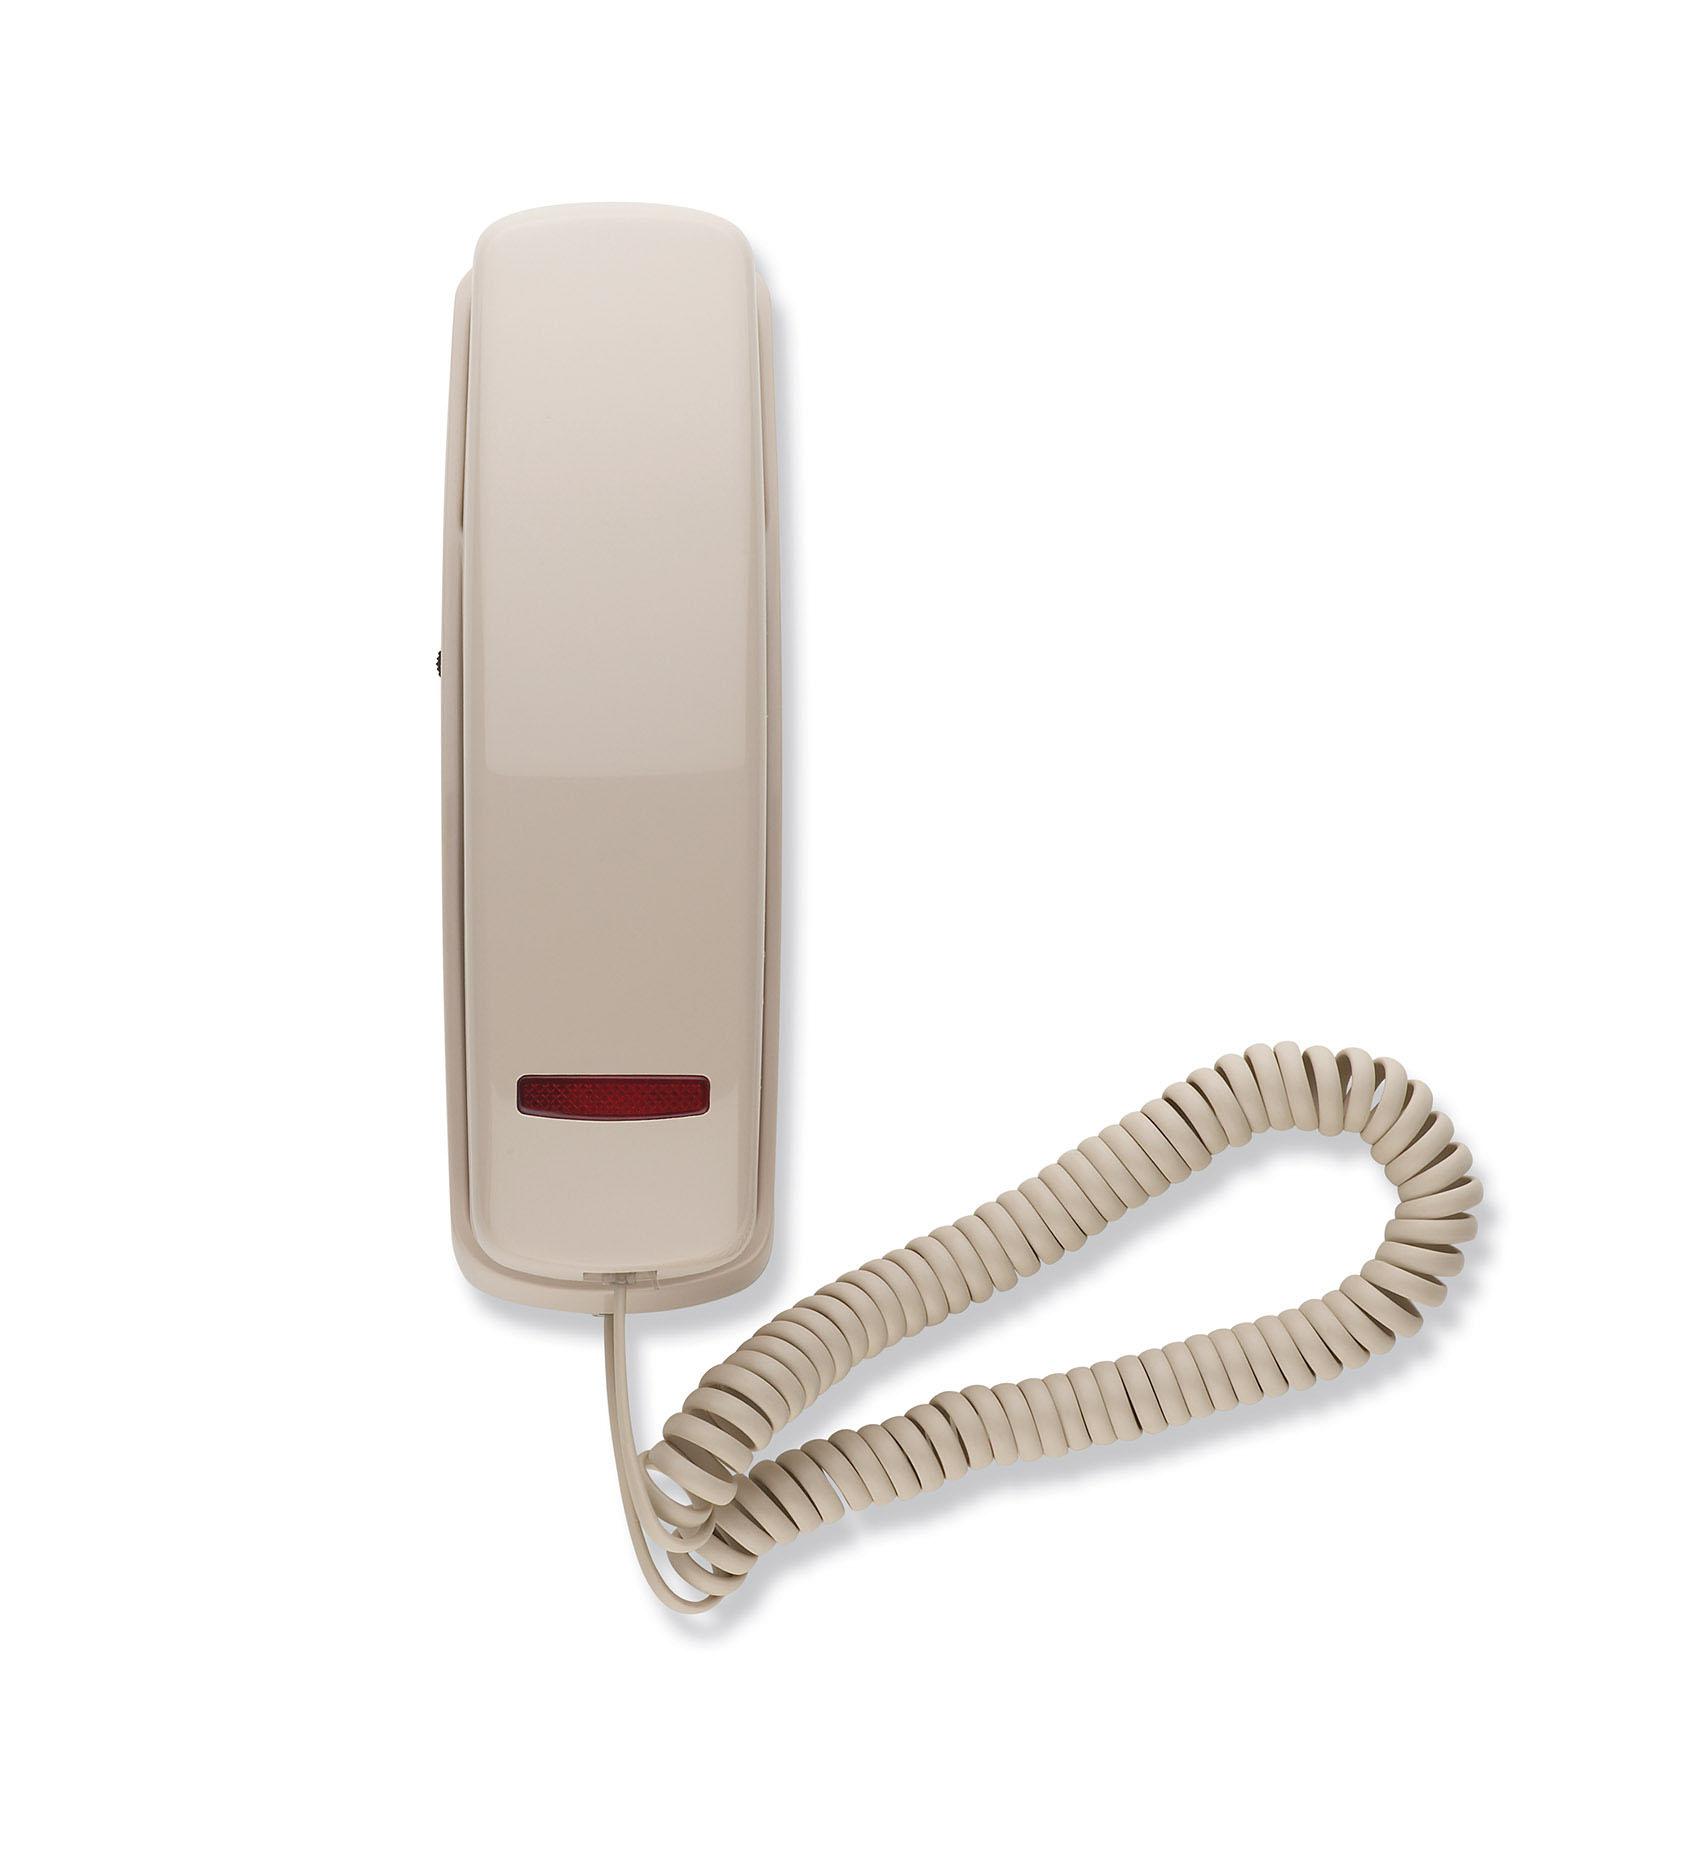 Ghekko - Scitec 2500 Series phones